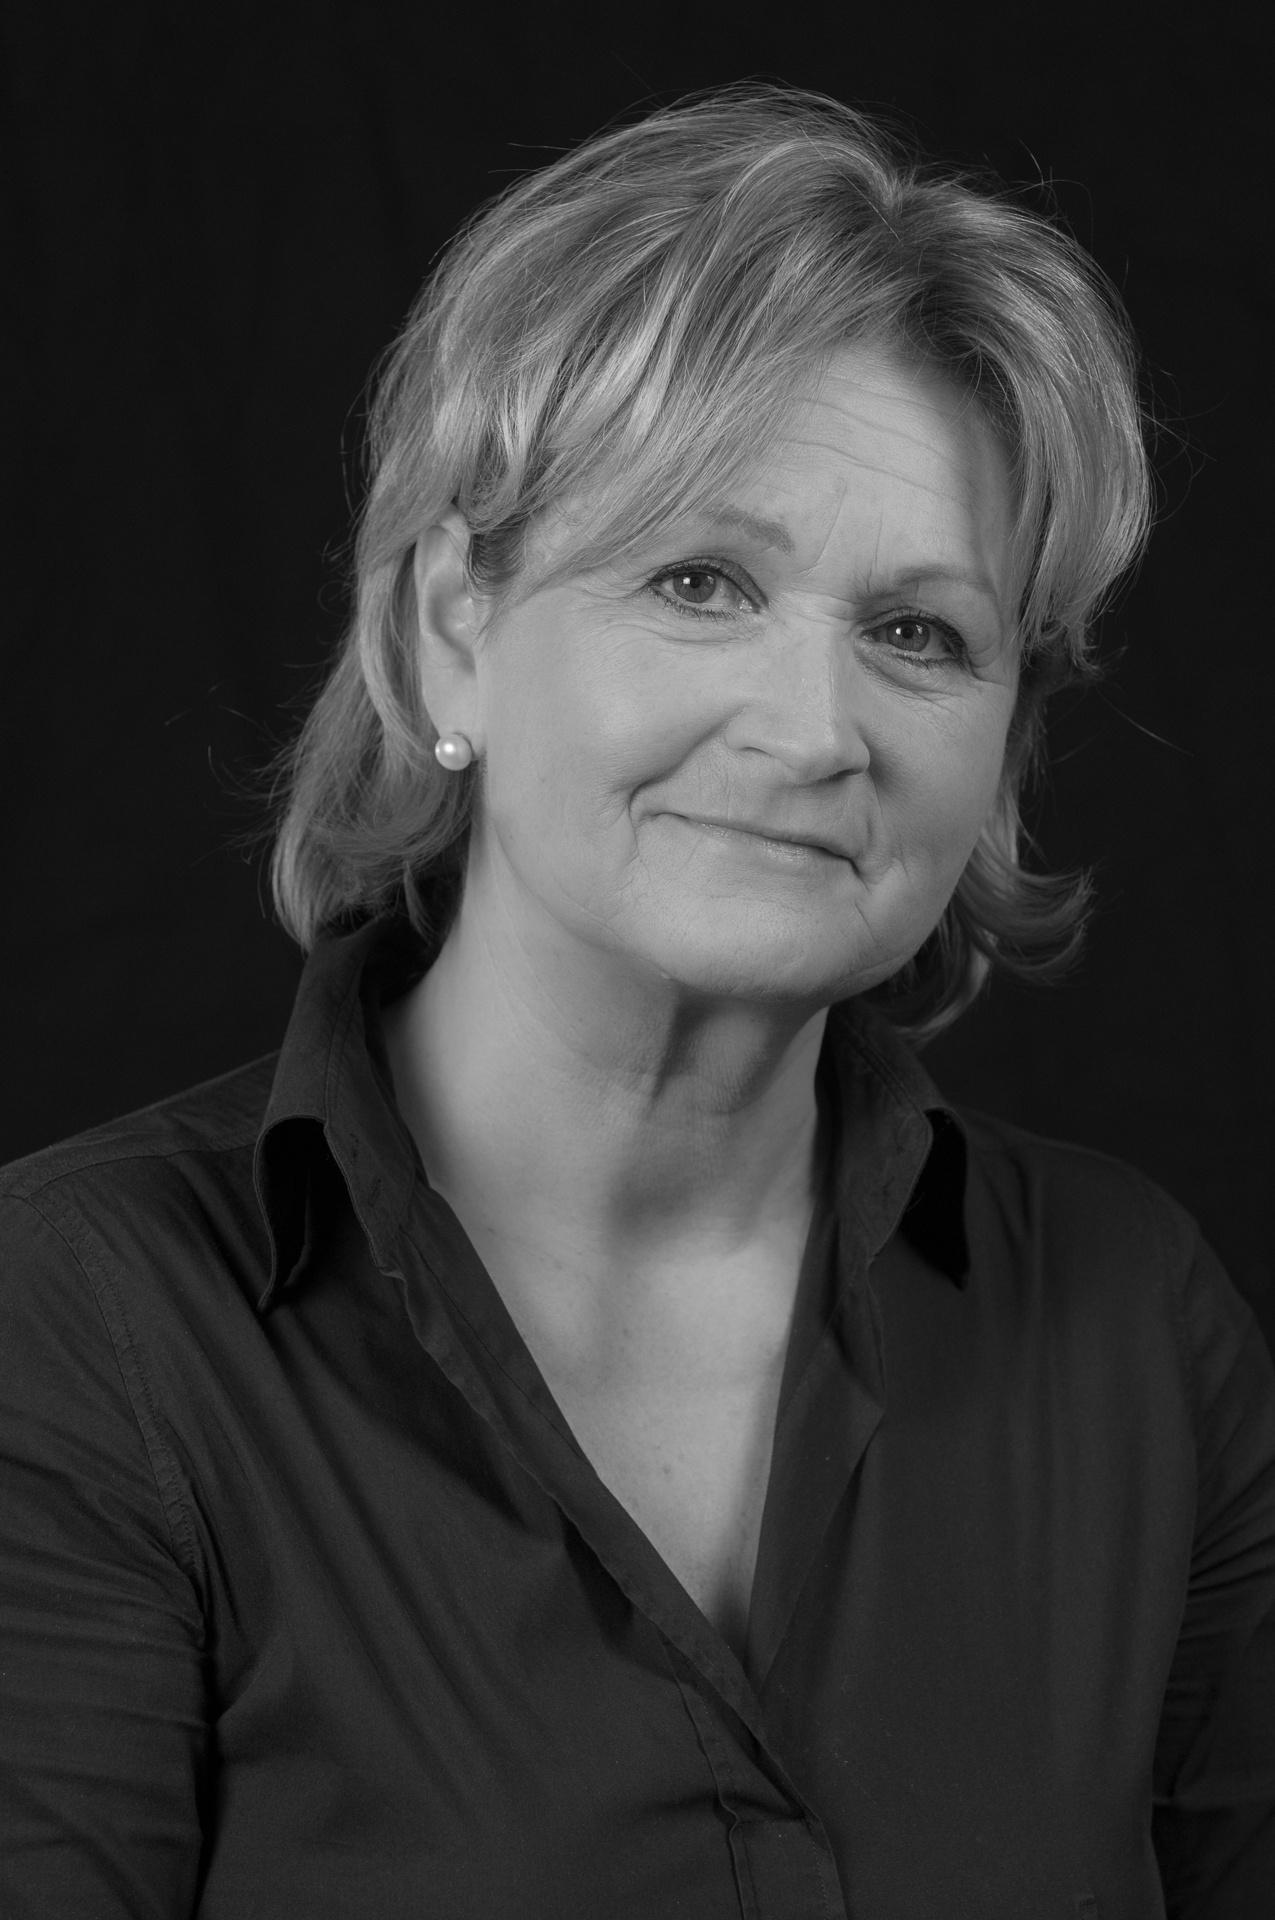 Christine Rußwurm